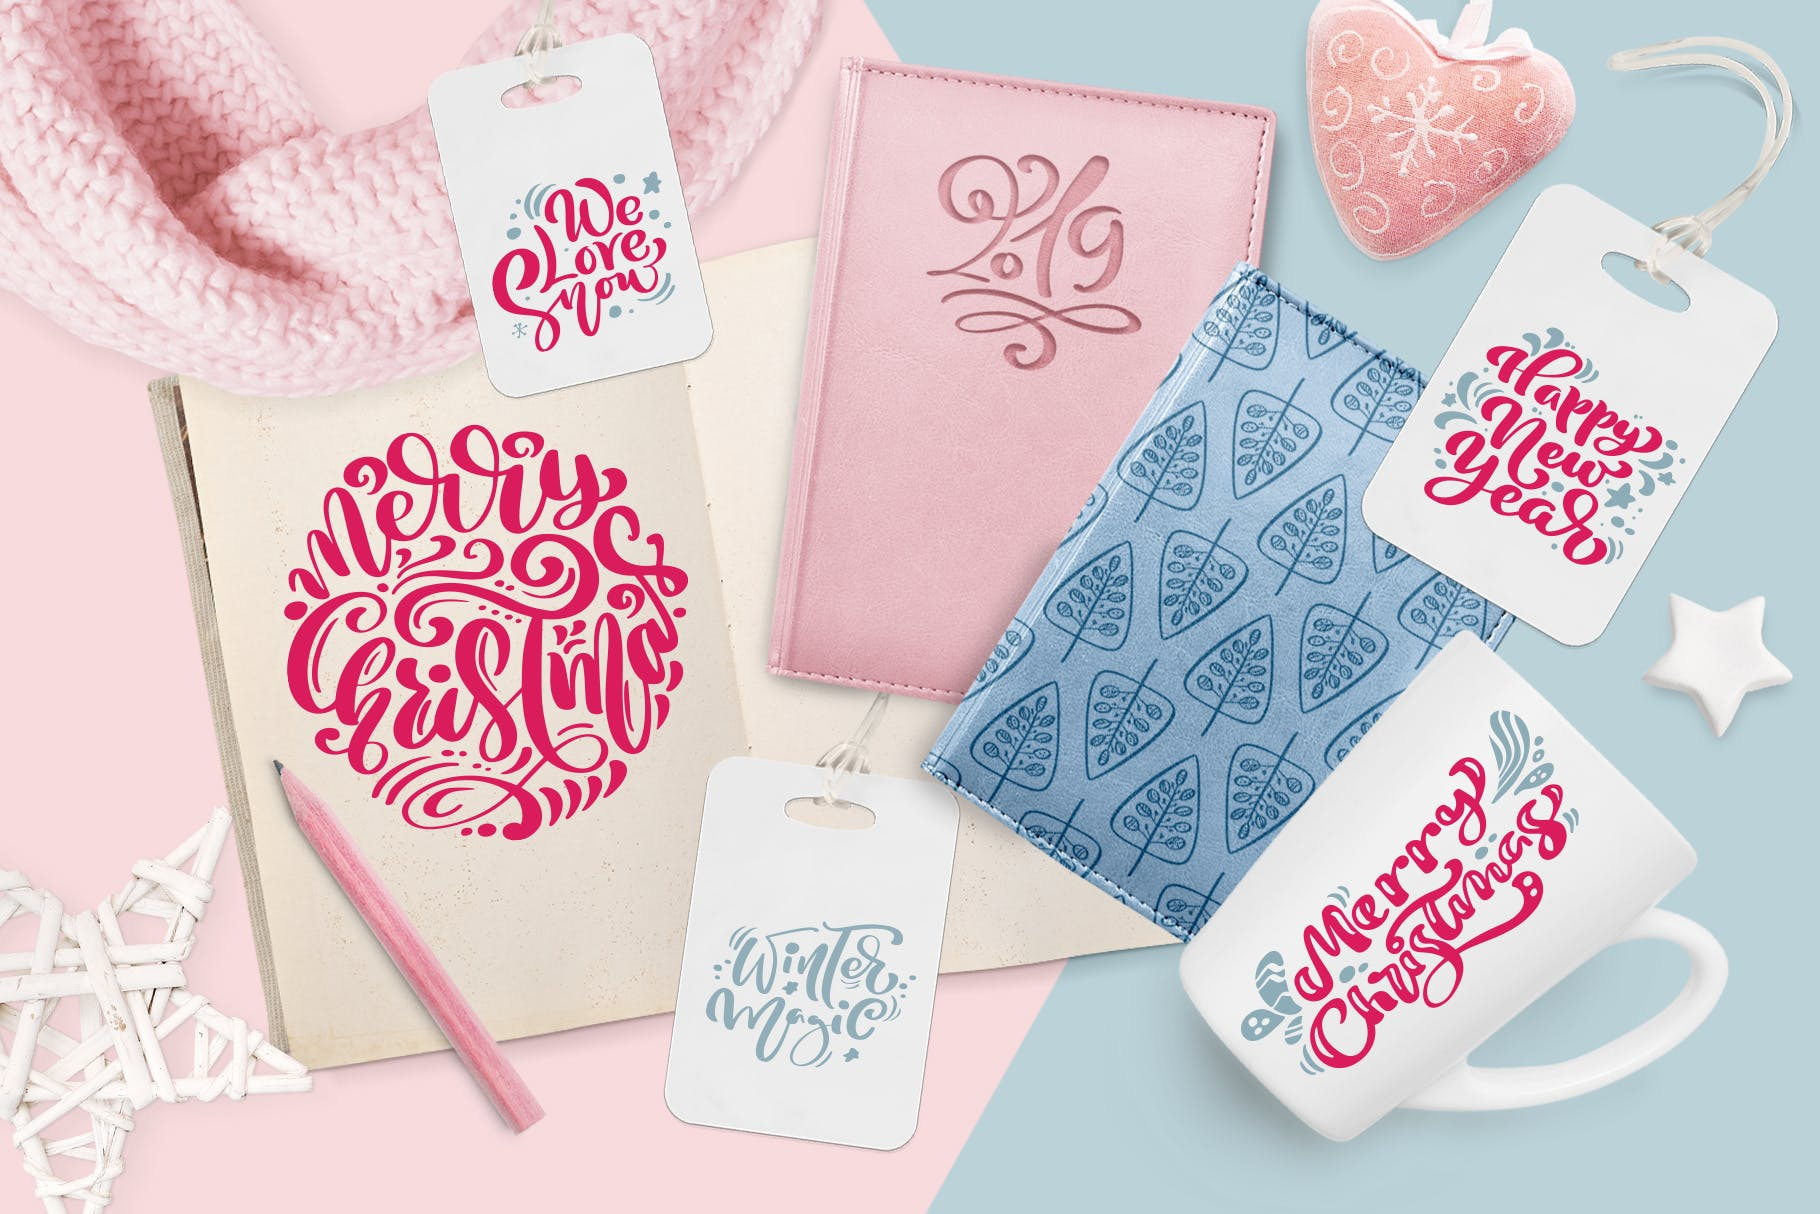 圣诞节元素雪花/星星/手套/礼物图案花纹装饰图案模板Christmas lettering quotes design插图(2)